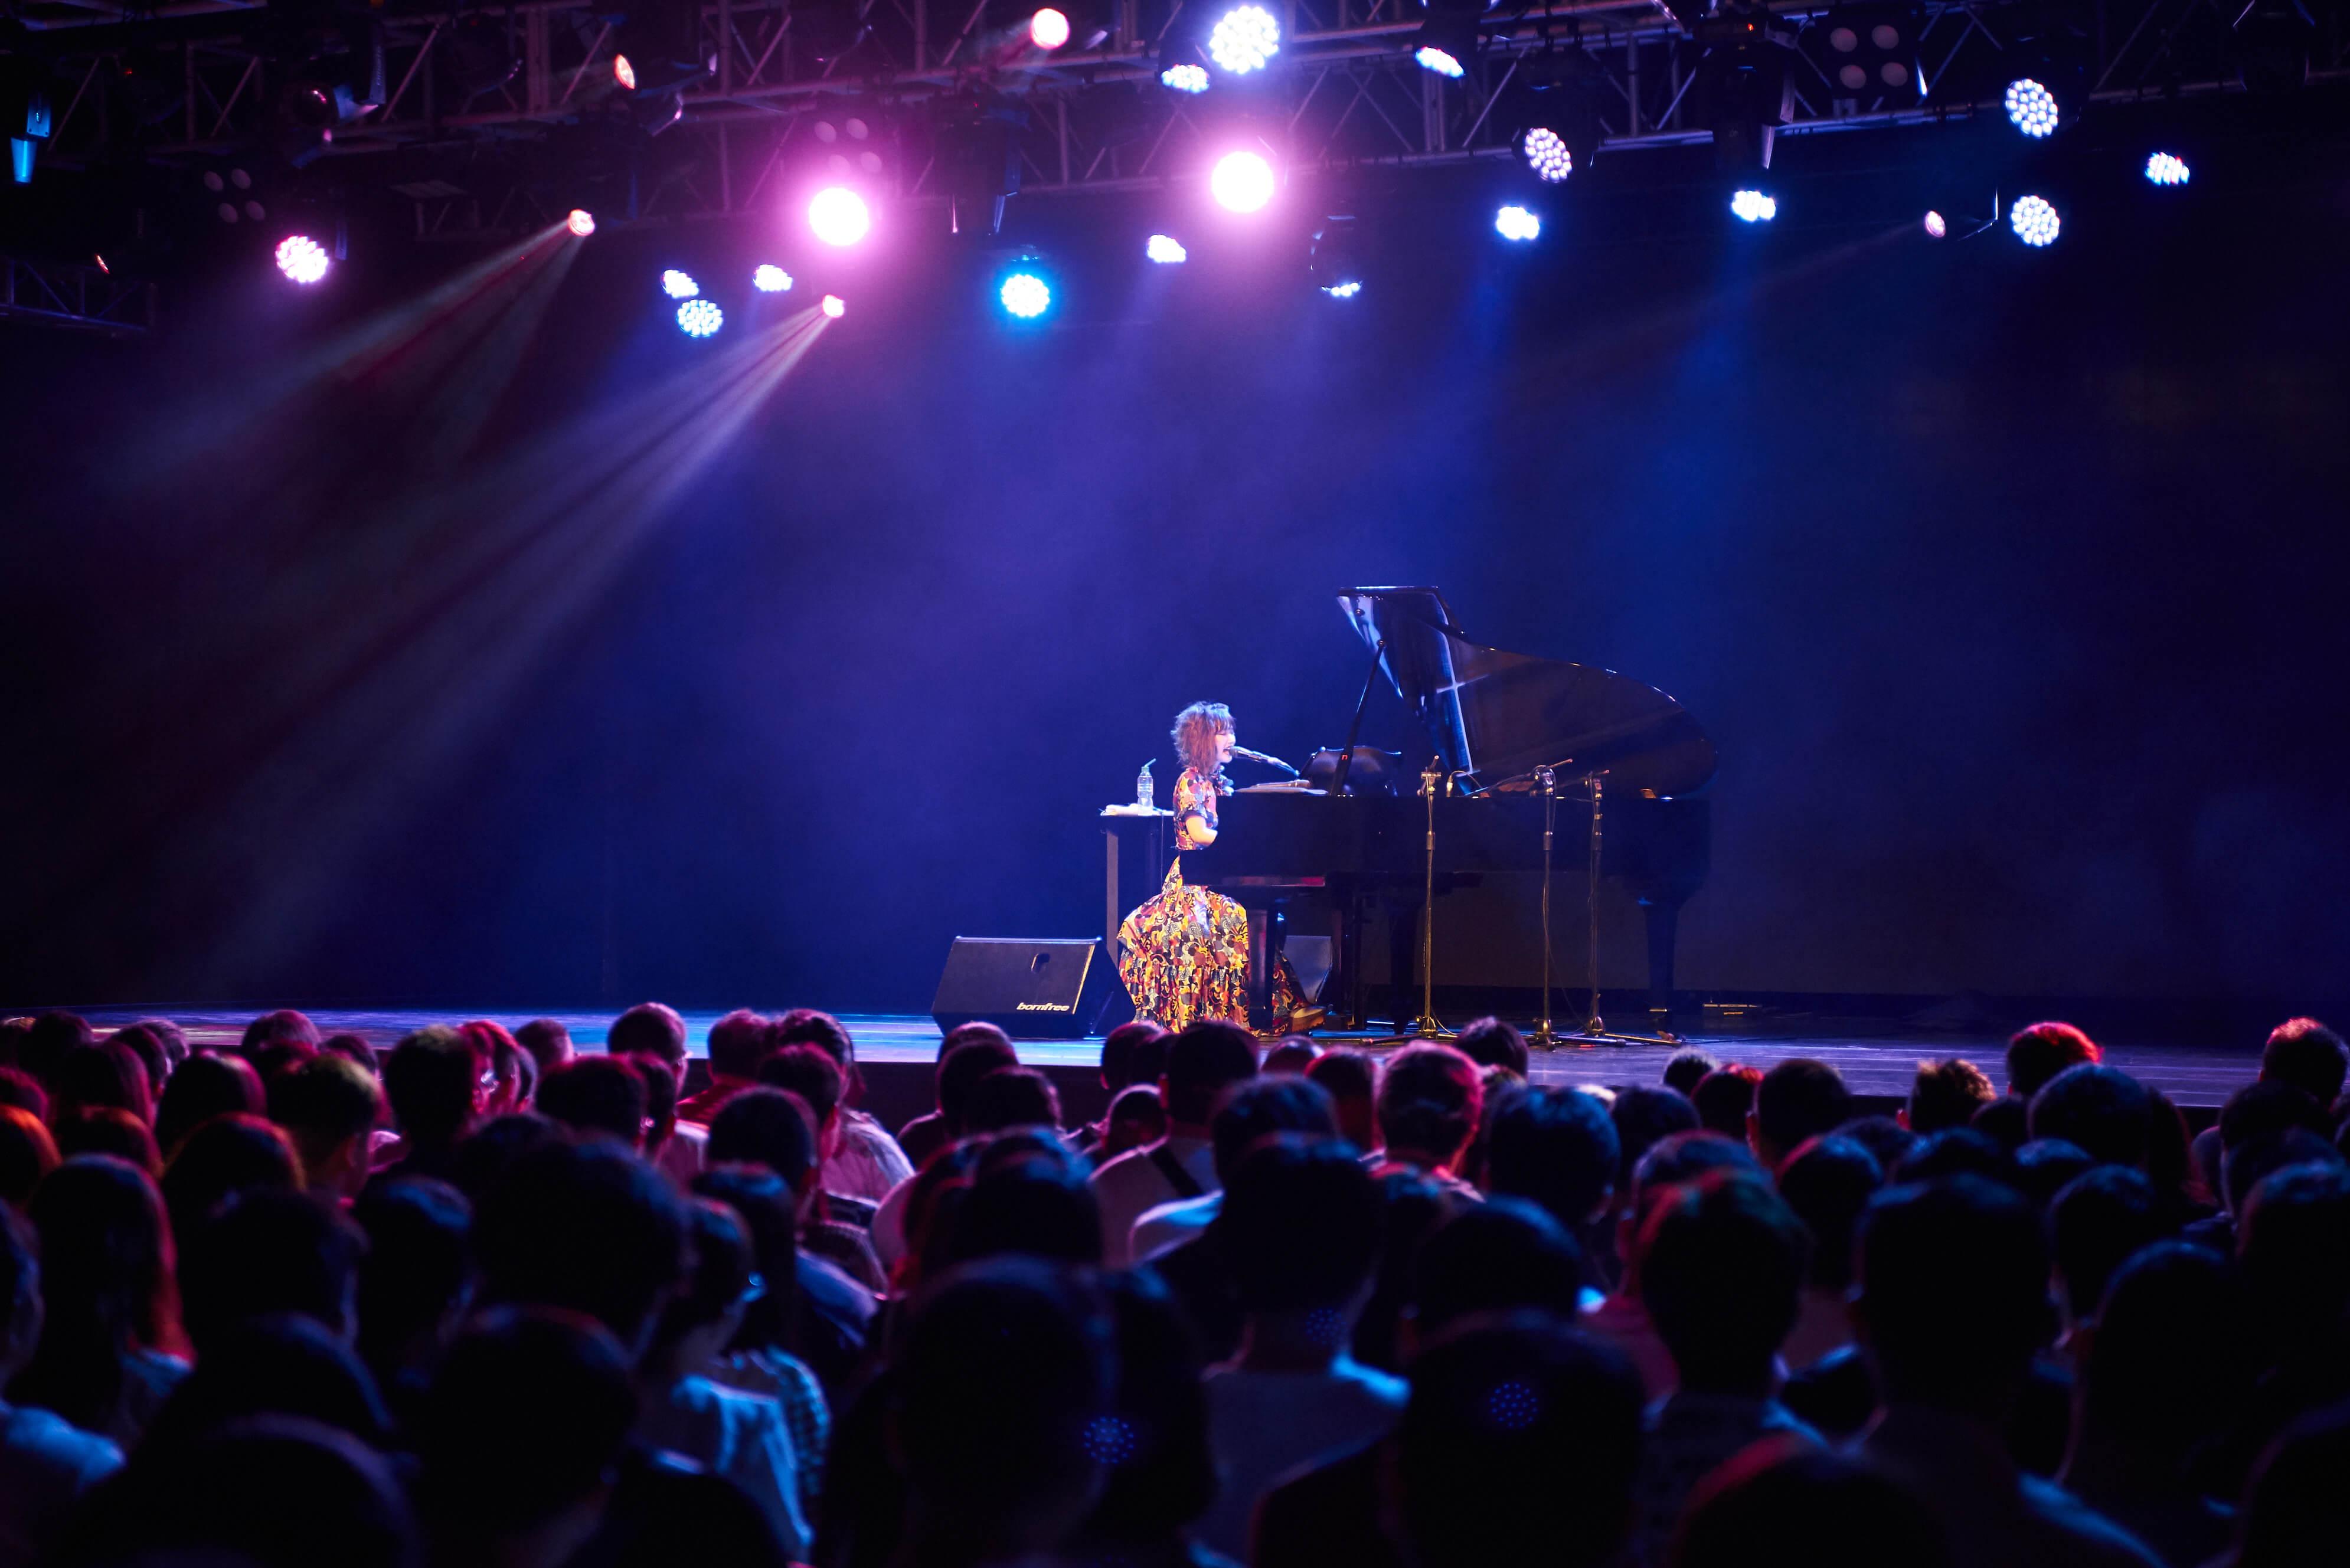 大塚 愛 中国 台湾にて4都市5公演のアジアツアー開催を発表 Moshi